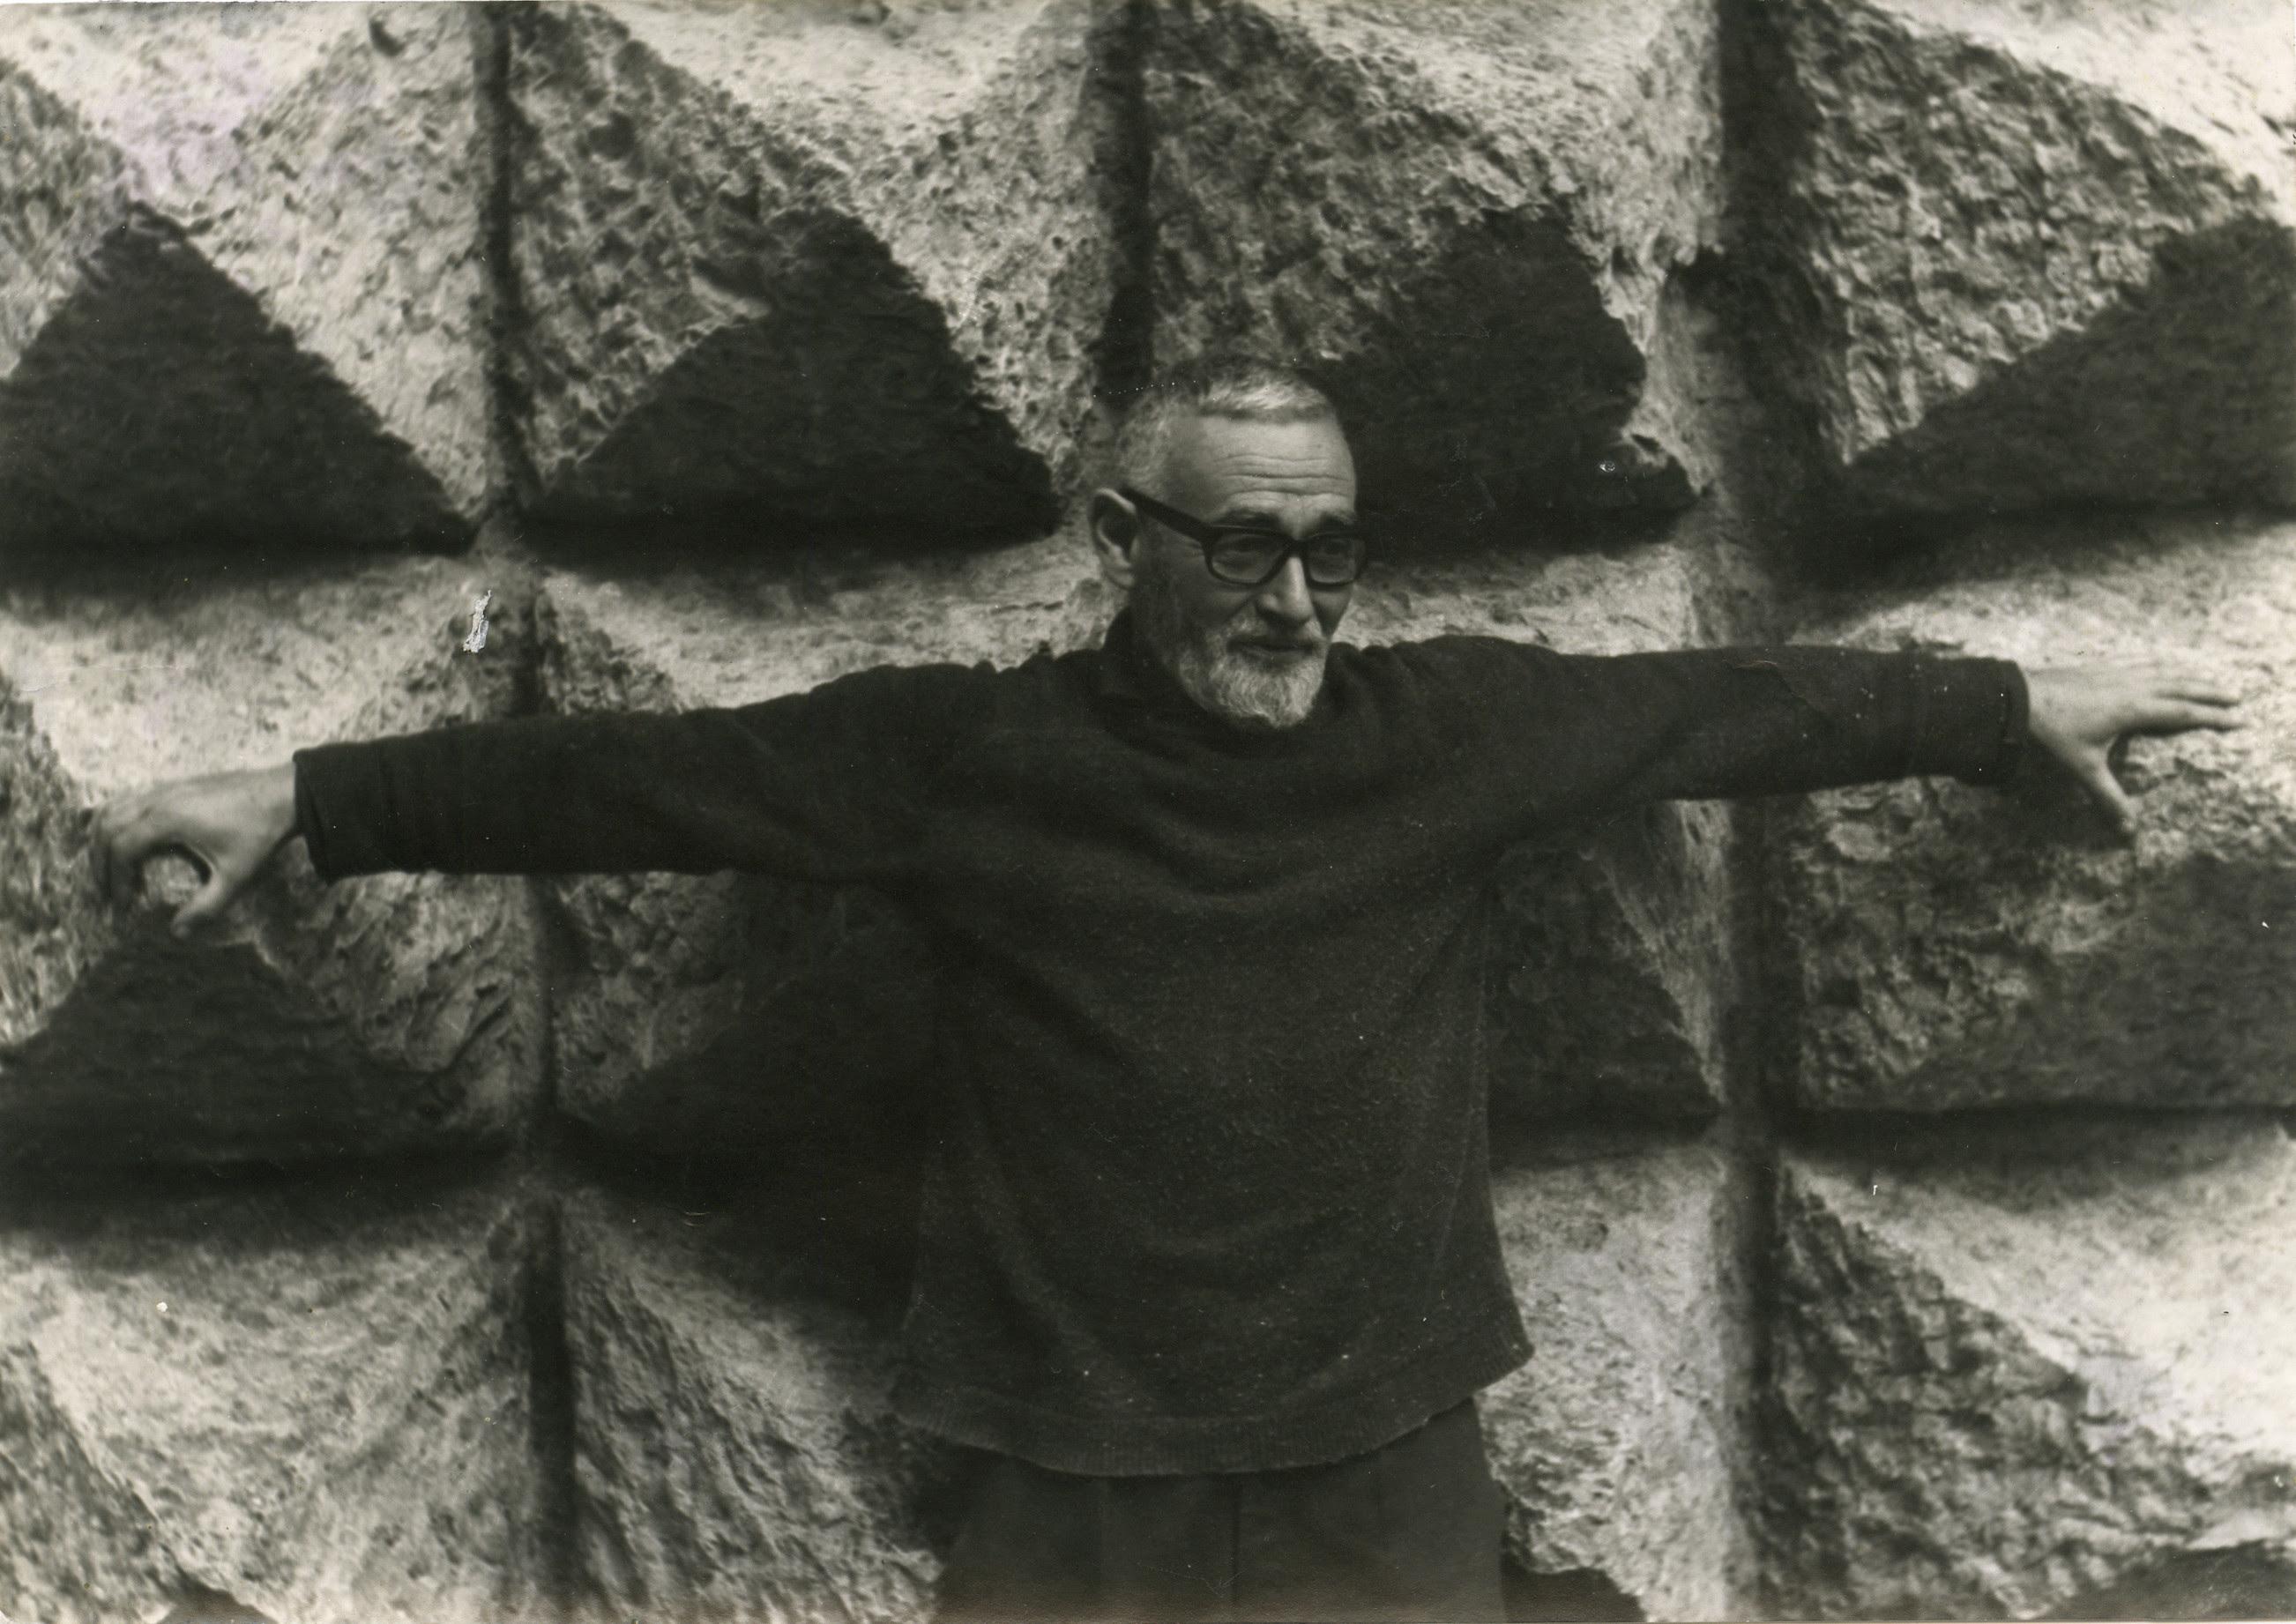 Oteiza Museoa etxean: Jorge Oteizaren Apostoluen Frisoaren instalazioa Arantzazun 1969an